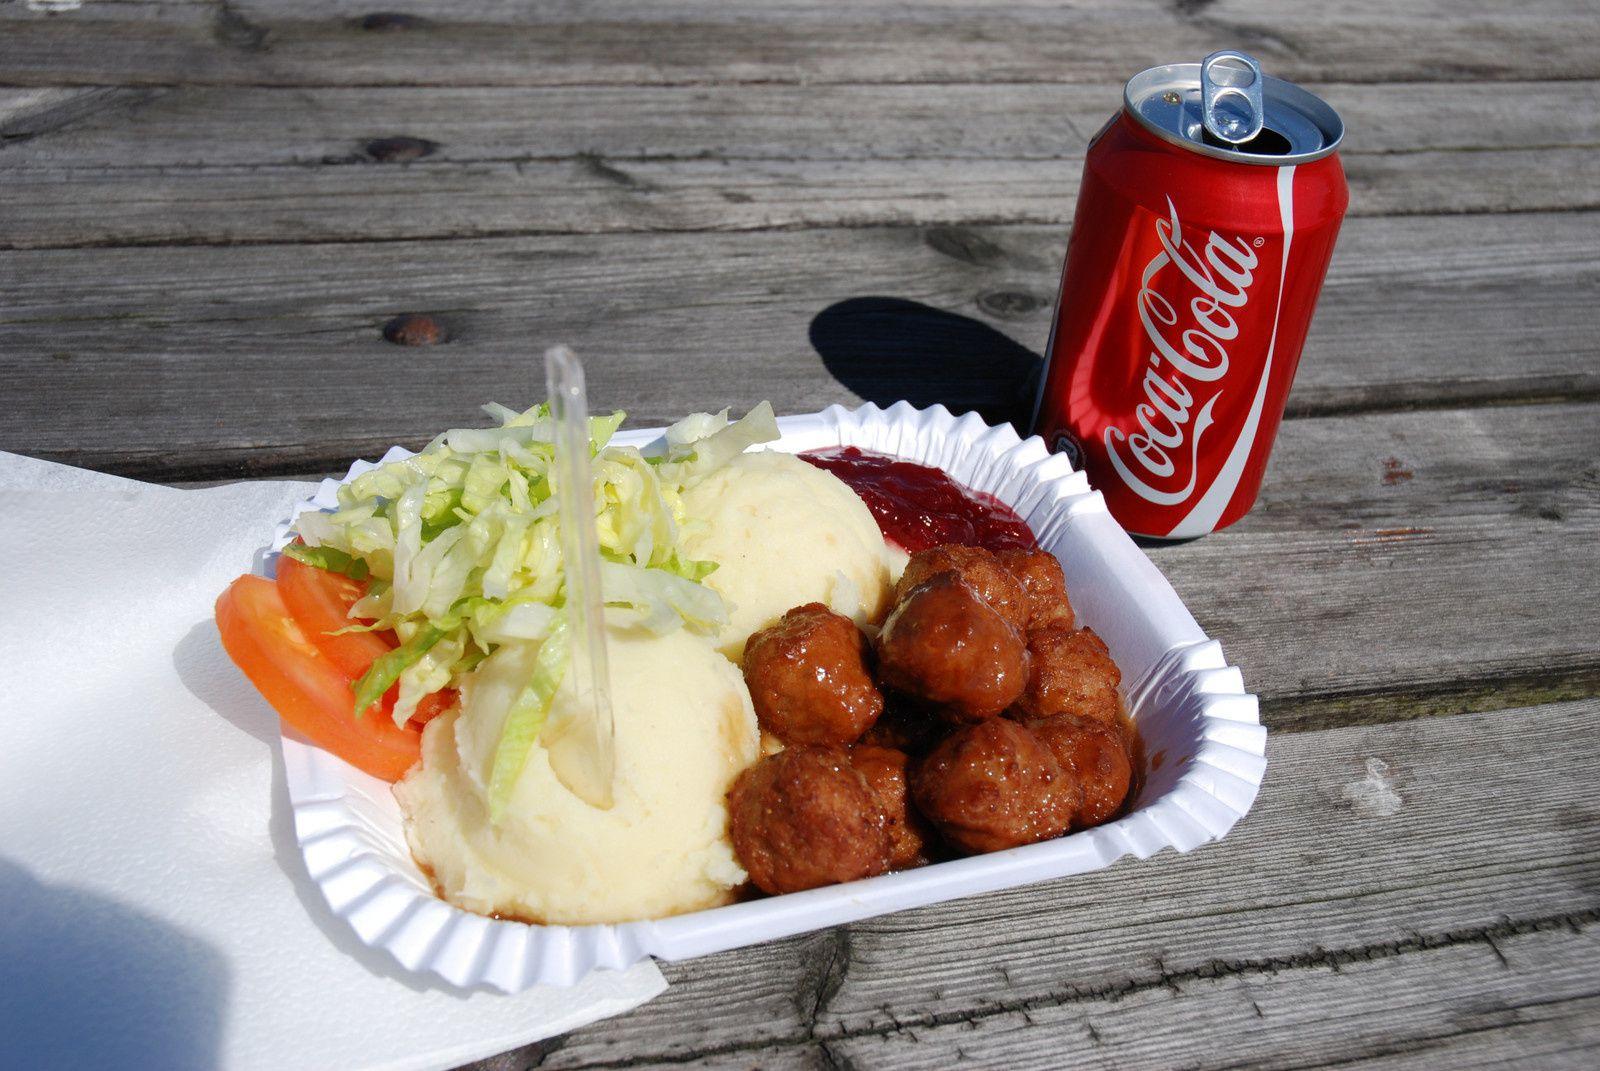 Je profite du changement d'île pour prendre mon repas de midi : boulettes de viande avec purée.